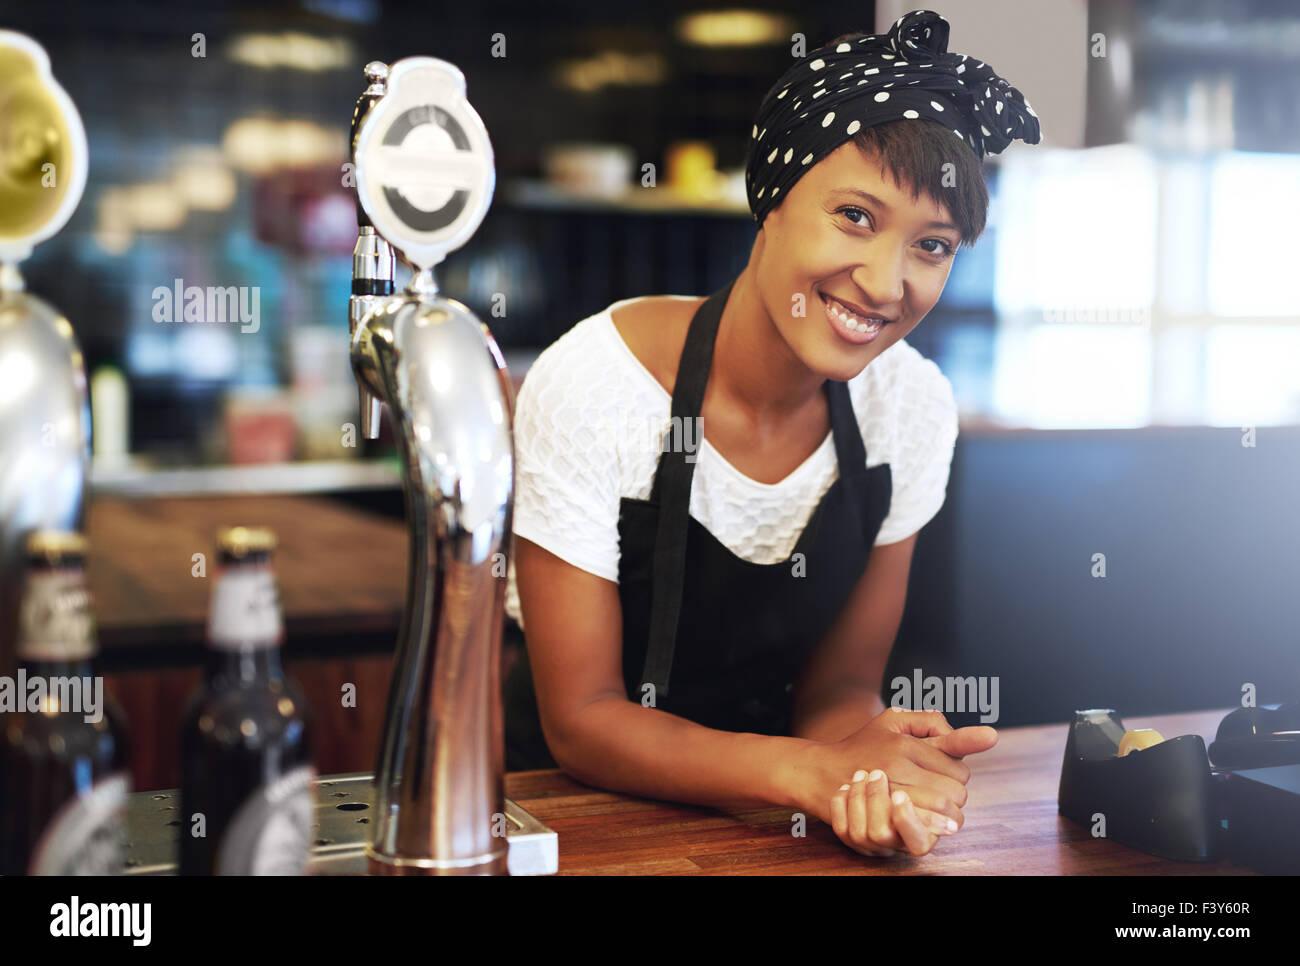 Young African American small business owner vêtue d'un foulard et d'un tablier s'appuyant sur le Photo Stock